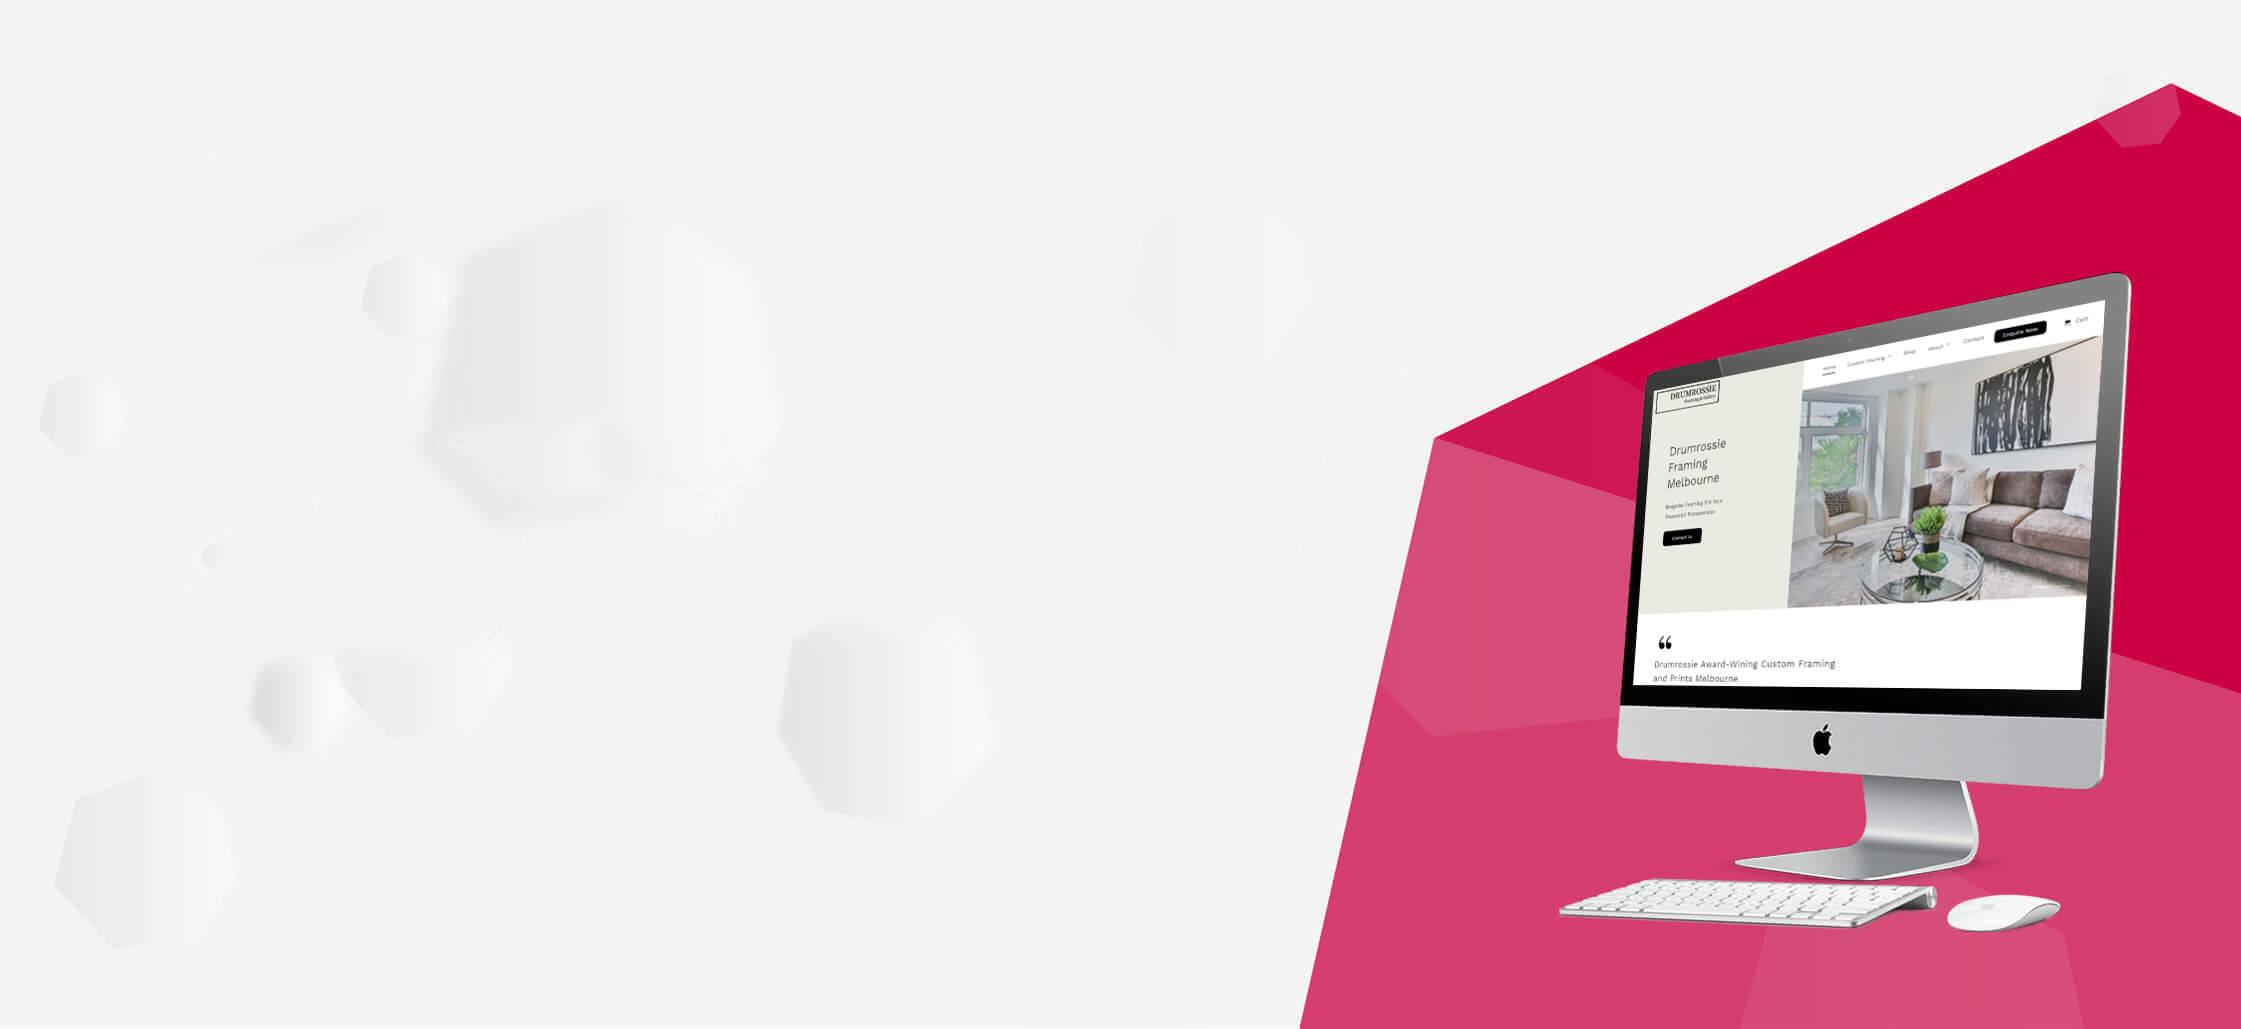 confetti design melbourne based online